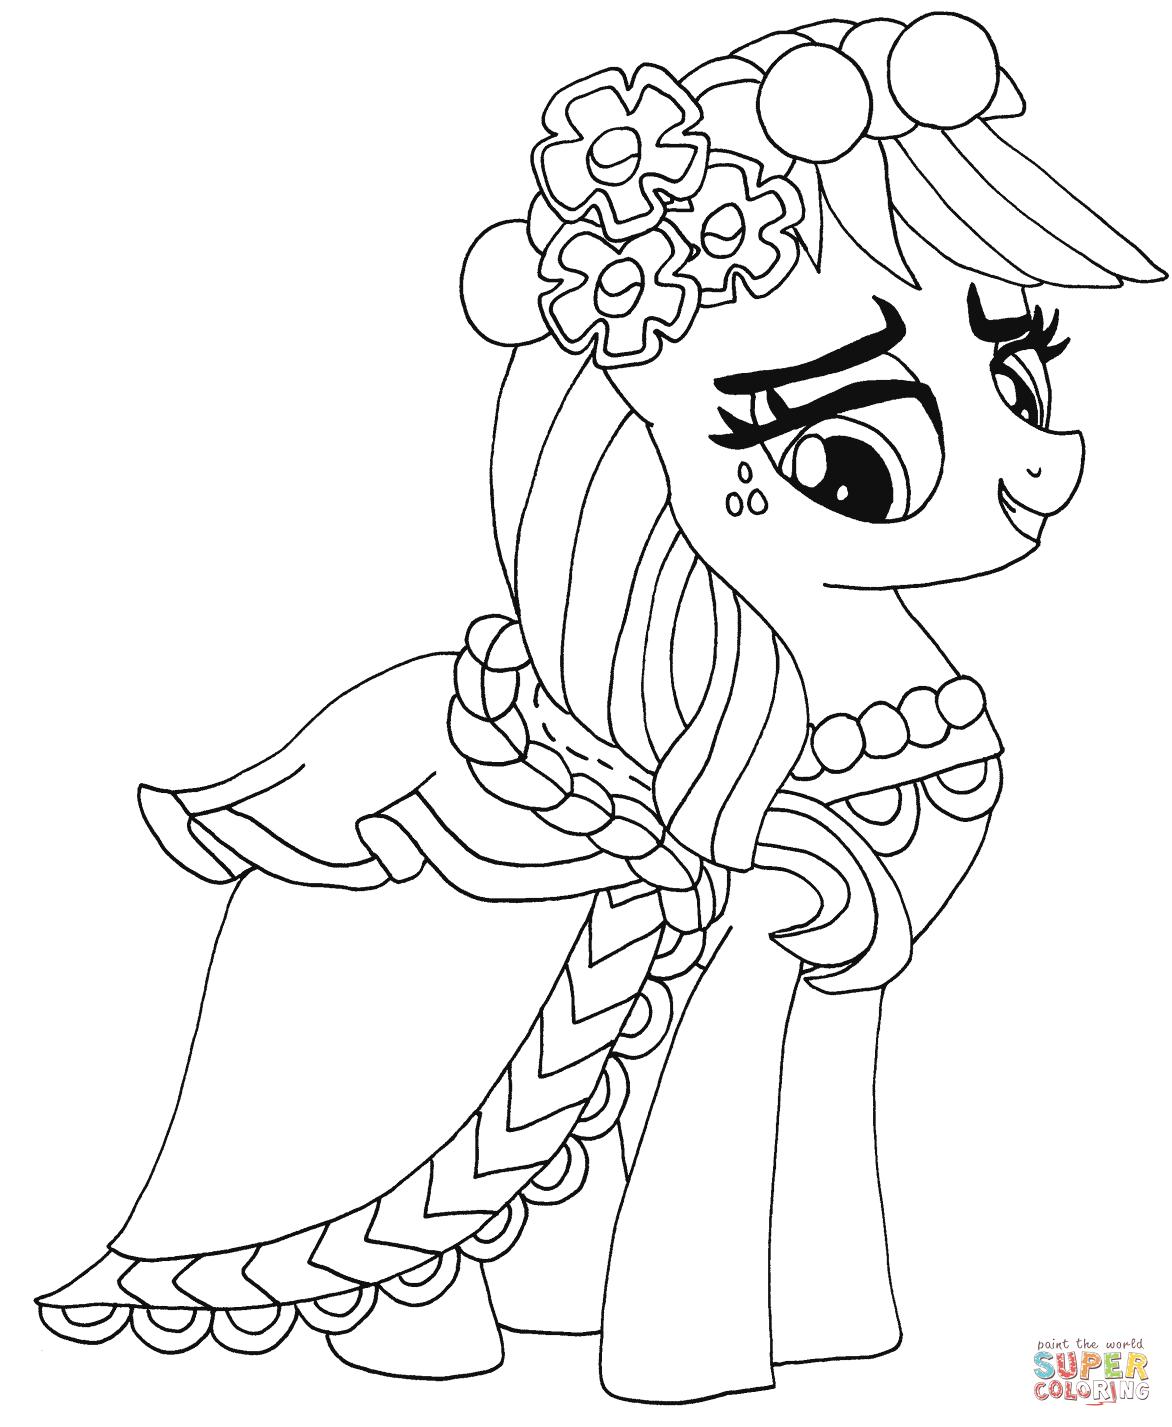 Ausmalbilder My Little Pony - Malvorlagen Kostenlos Zum ganzes My Little Pony Malvorlage